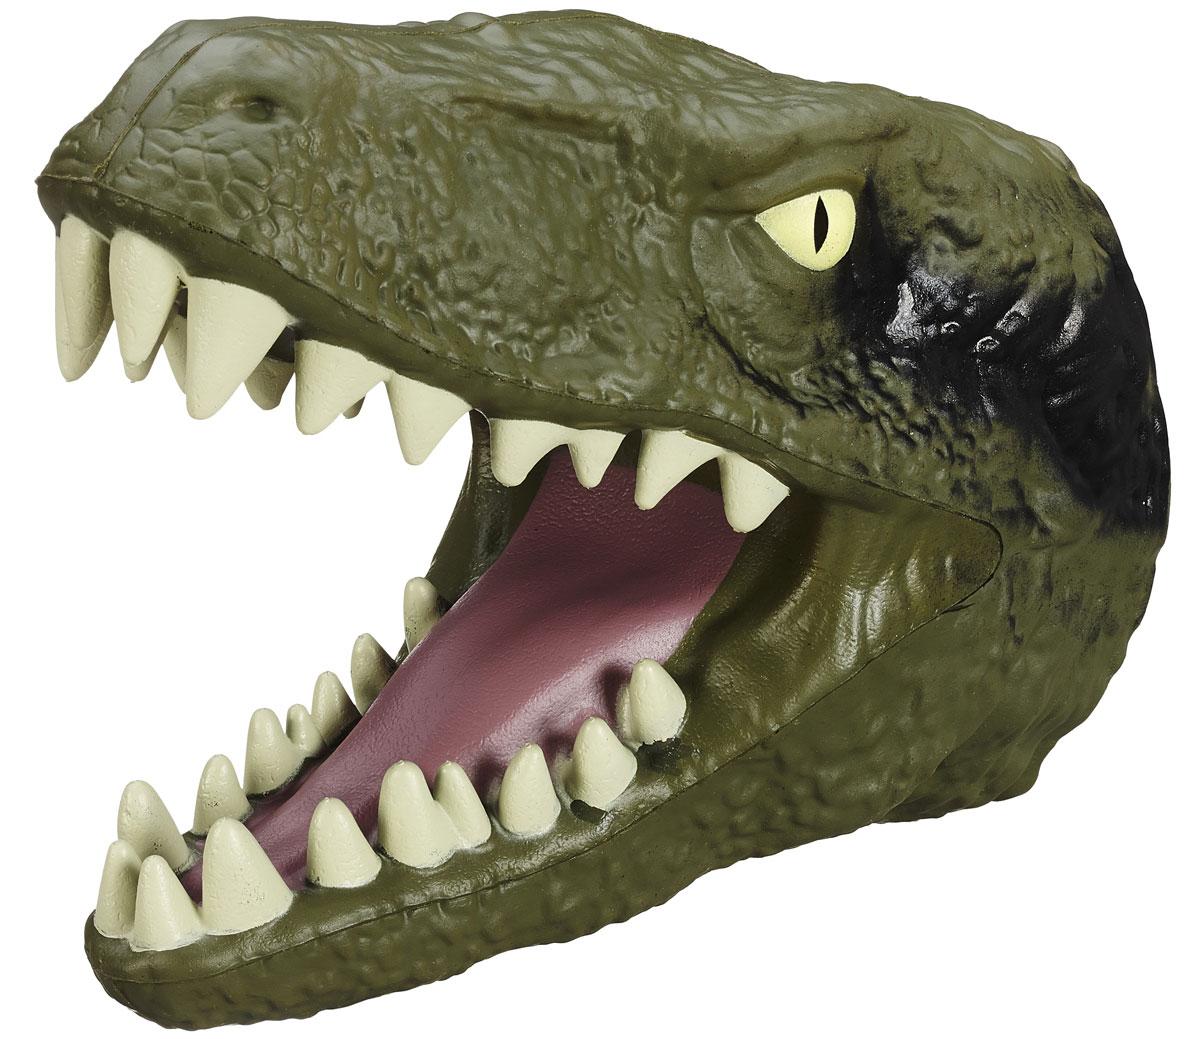 Jurassic World Игрушка на руку VelociraptorB1509 B1510Игрушка на руку Jurassic World Velociraptor непременно привлечет внимание вашего ребенка. Голова велоцираптора - это уникальная игрушка, которая гарантированно станет одной из самых любимых не только для детей, но и для взрослых. Она надевается на руку, благодаря чему можно отлично развлечься, напугав своего друга свирепым оскалом хищного динозавра. Изготавливается исключительно из качественных и гипоаллергенных материалов, не раздражающих кожу. Что может быть лучше в качестве подарка для ребенка или поклонника культового фильма Парк Юрского периода? Ваш ребенок часами будет играть с ней, придумывая различные истории. Порадуйте его таким замечательным подарком!